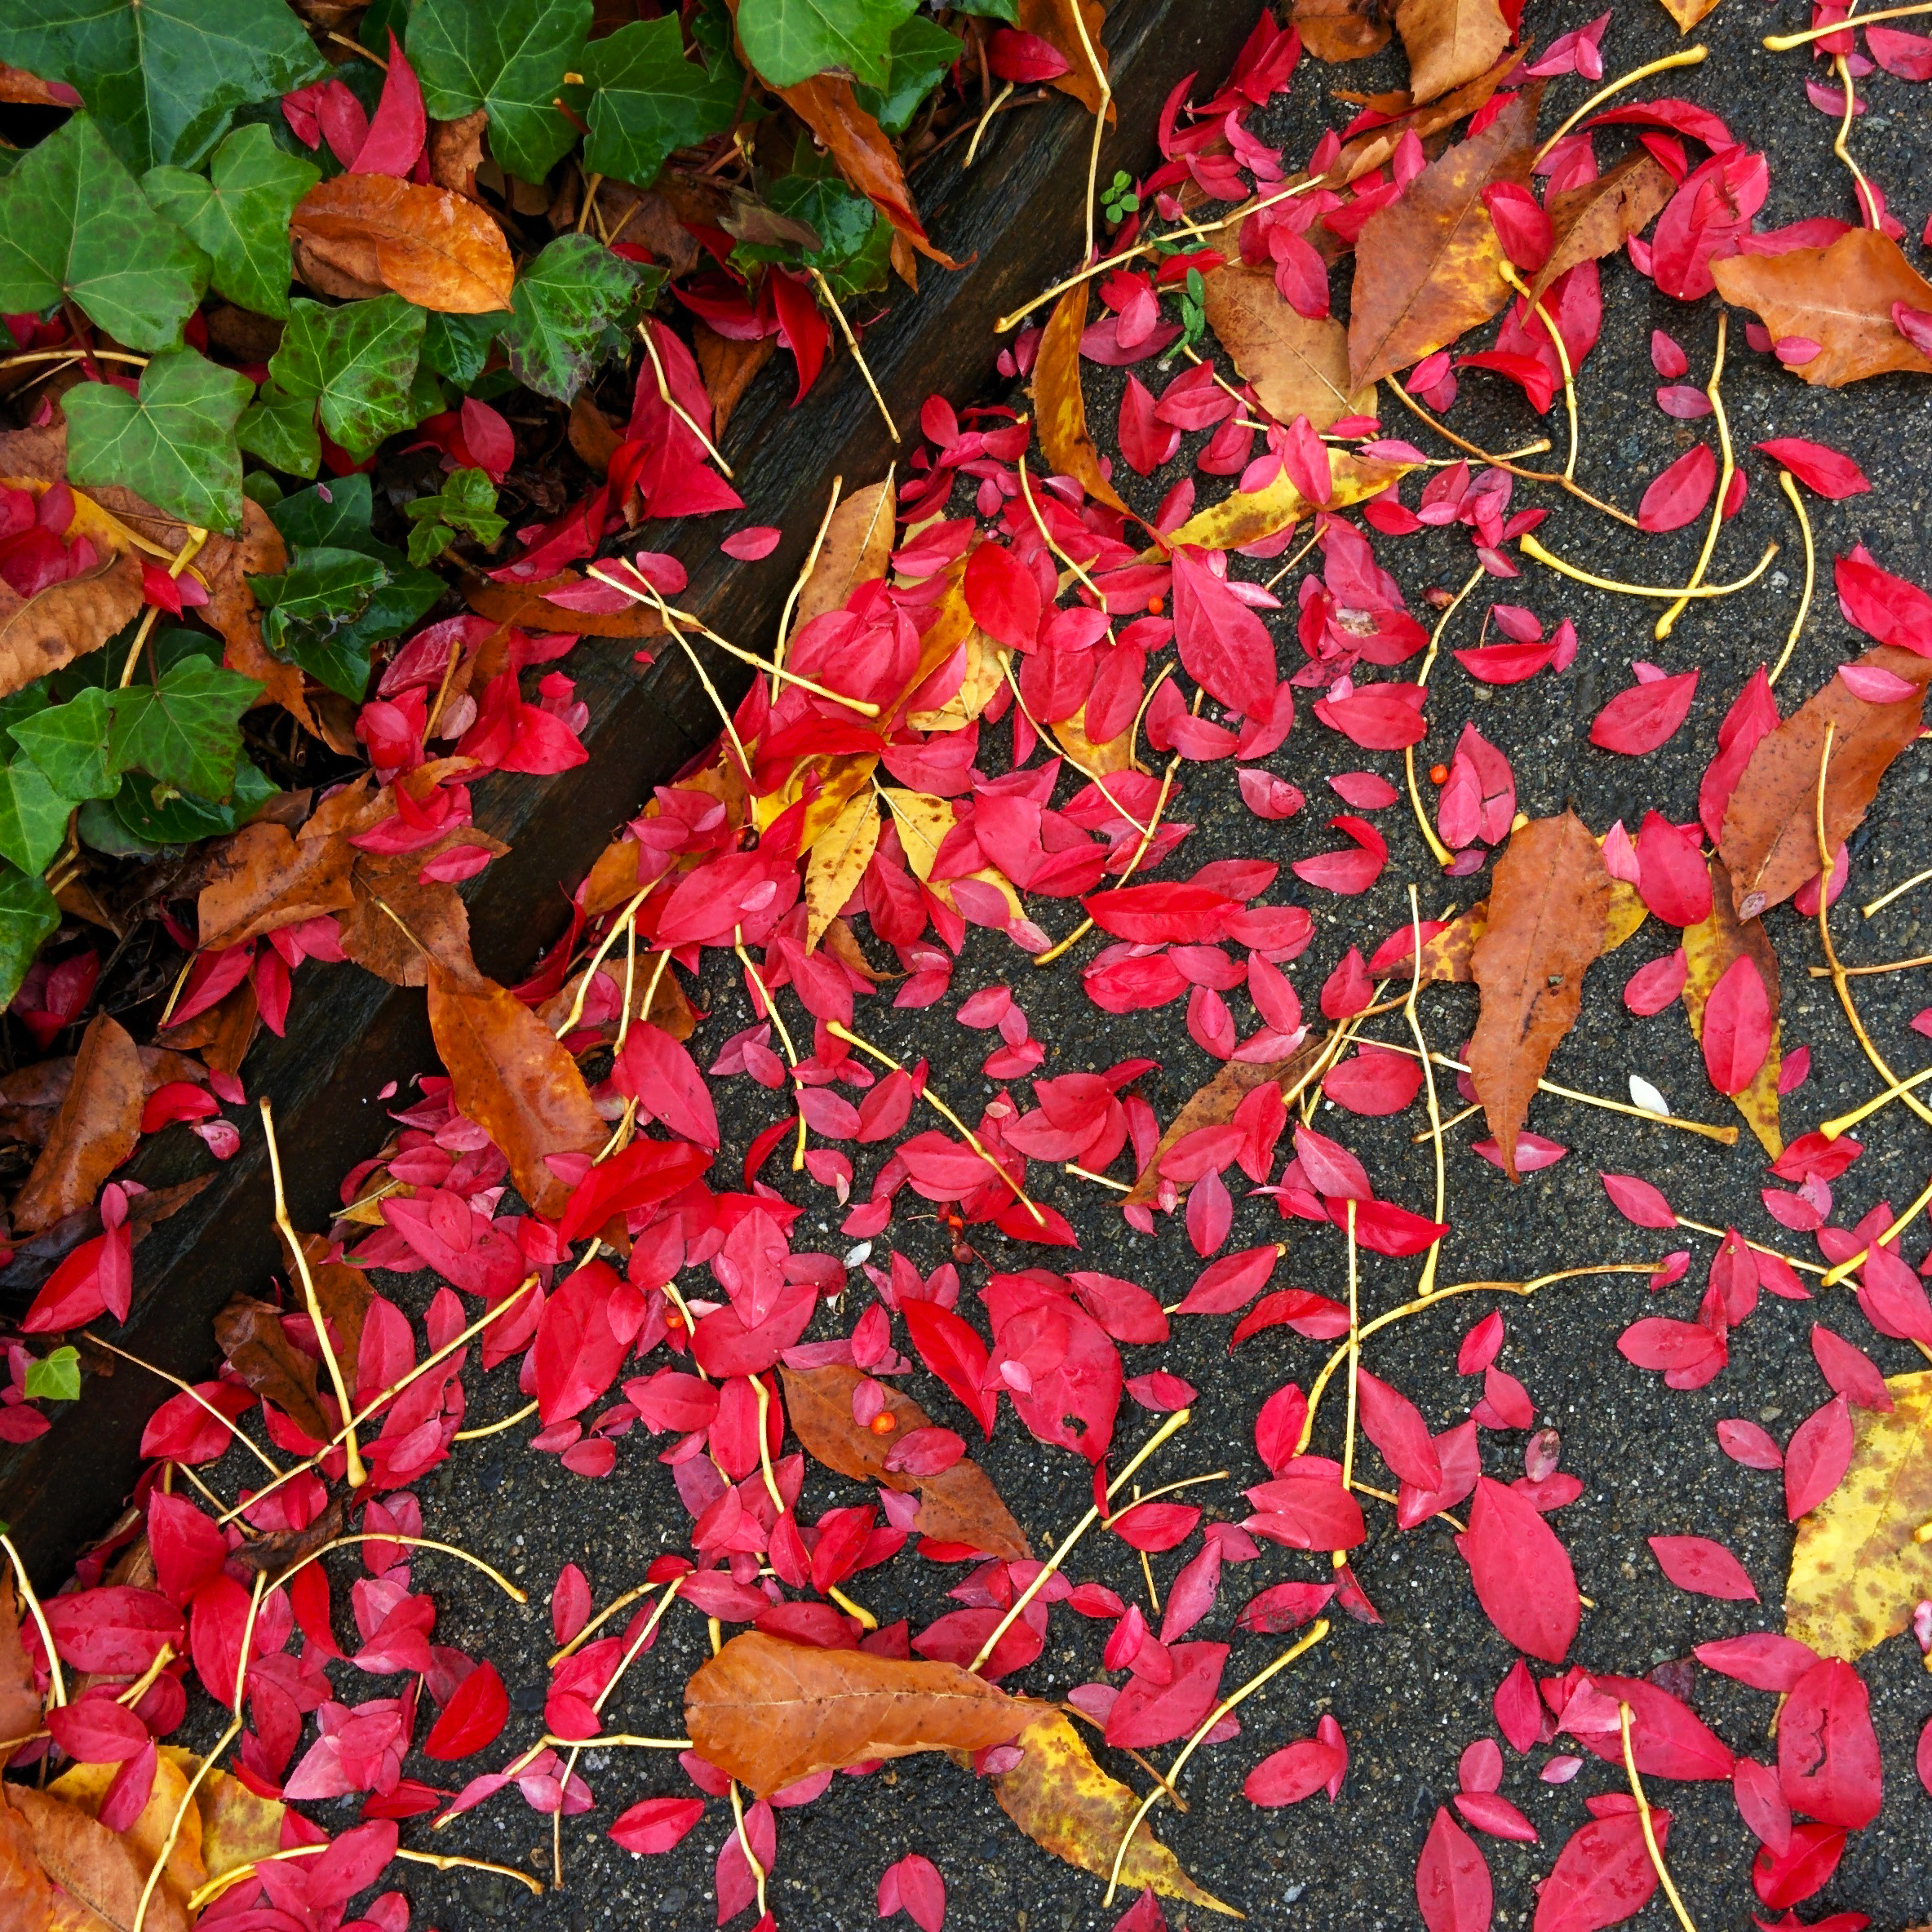 Moist, Fall Leaves